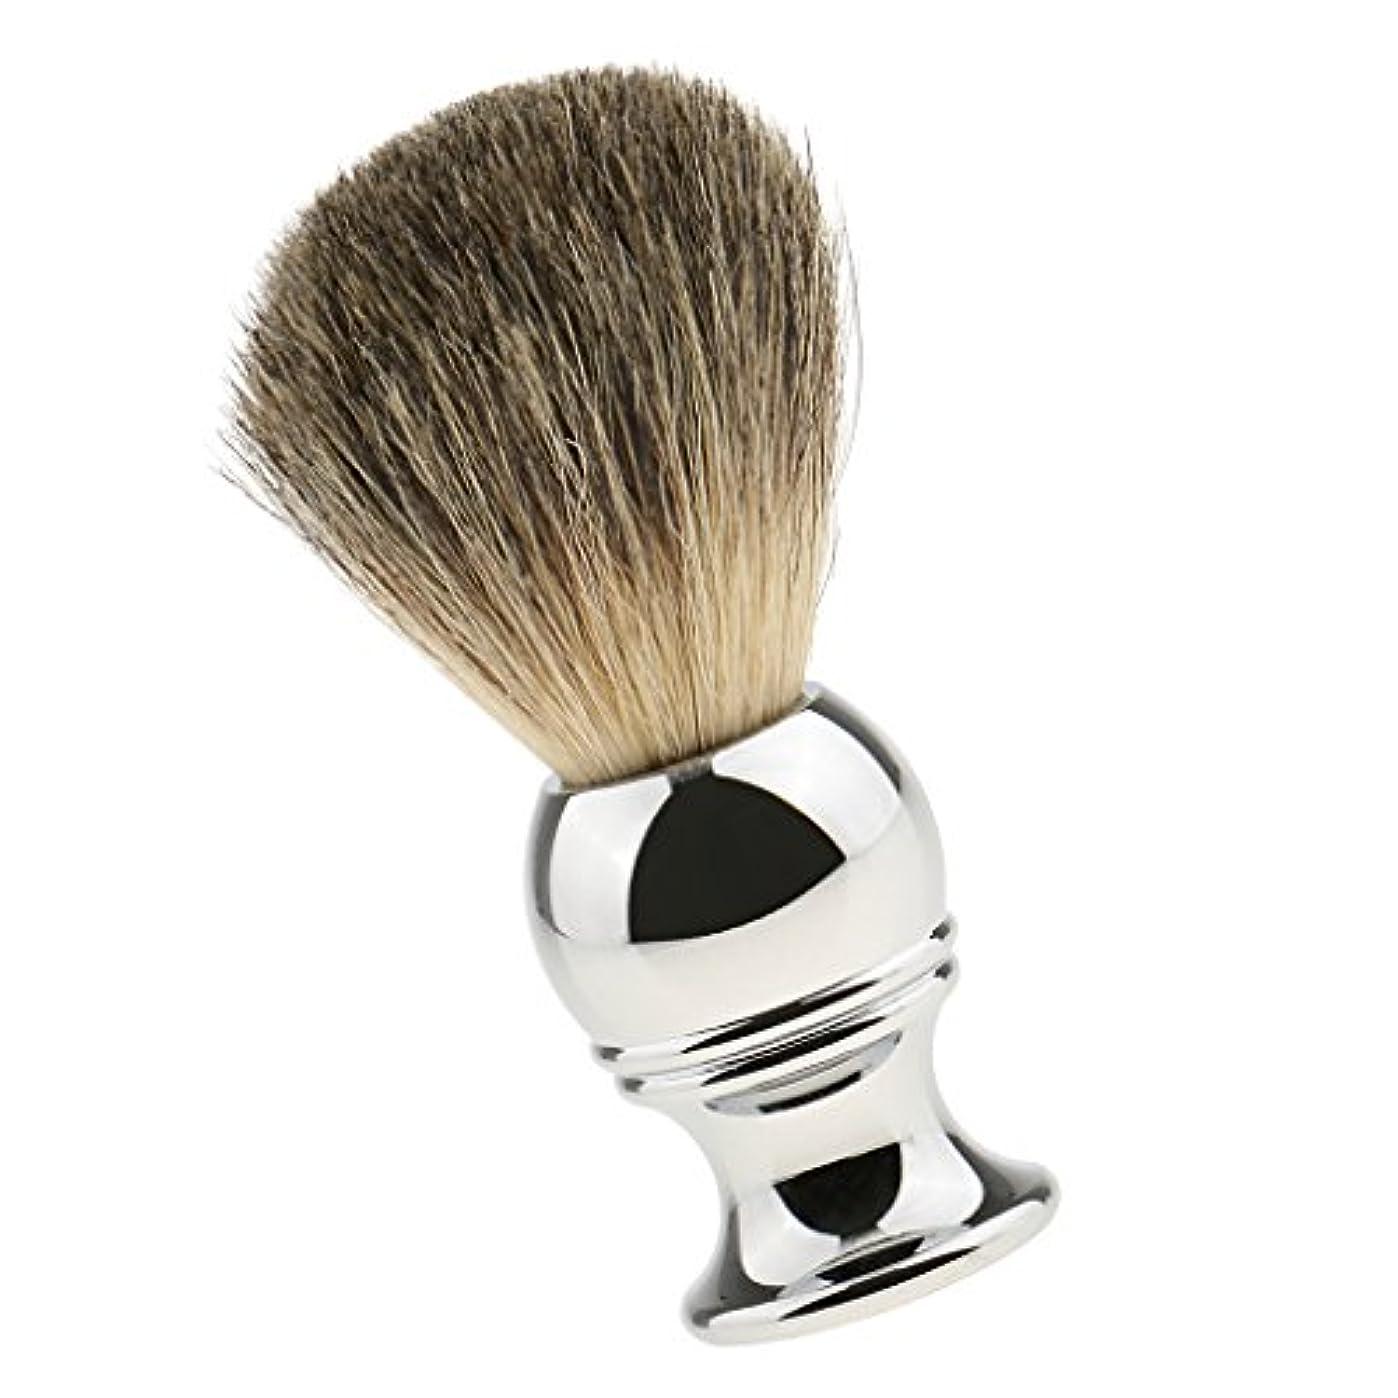 予測子死すべき炎上Kesoto 男性用 高品質 高密度 シェービングブラシ ロングハンドル 髭剃り 洗顔 ブラシ シェーブツール